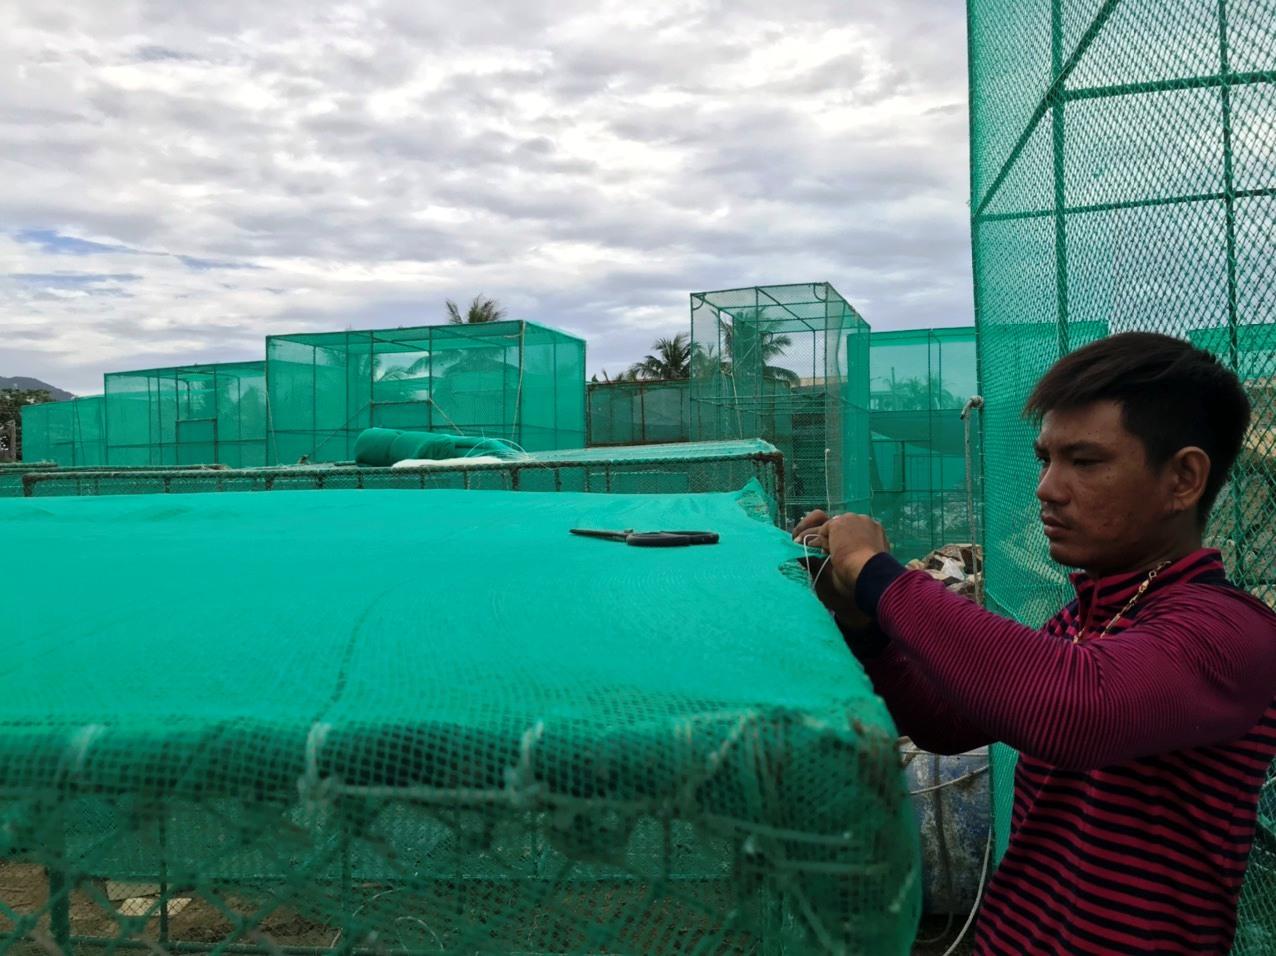 Khánh Hòa: Kiếm nửa triệu đồng/ngày nhờ nghề may lưới biển - Ảnh 2.